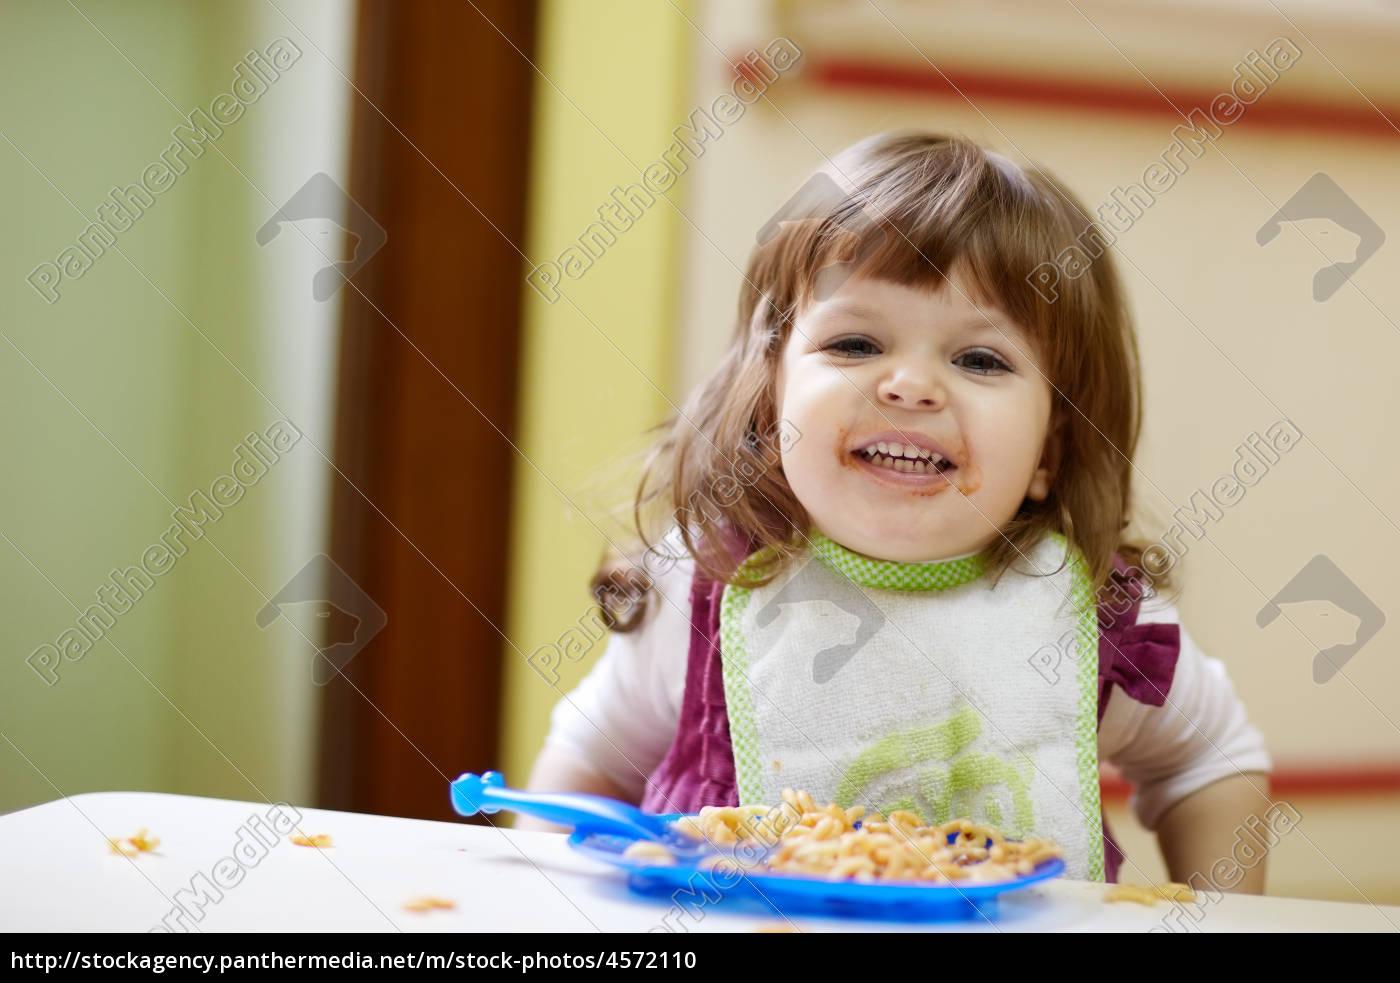 20b2981e46cdb9 Stock Photo 4572110 - kleines mädchen das mittagessen im kindergarten